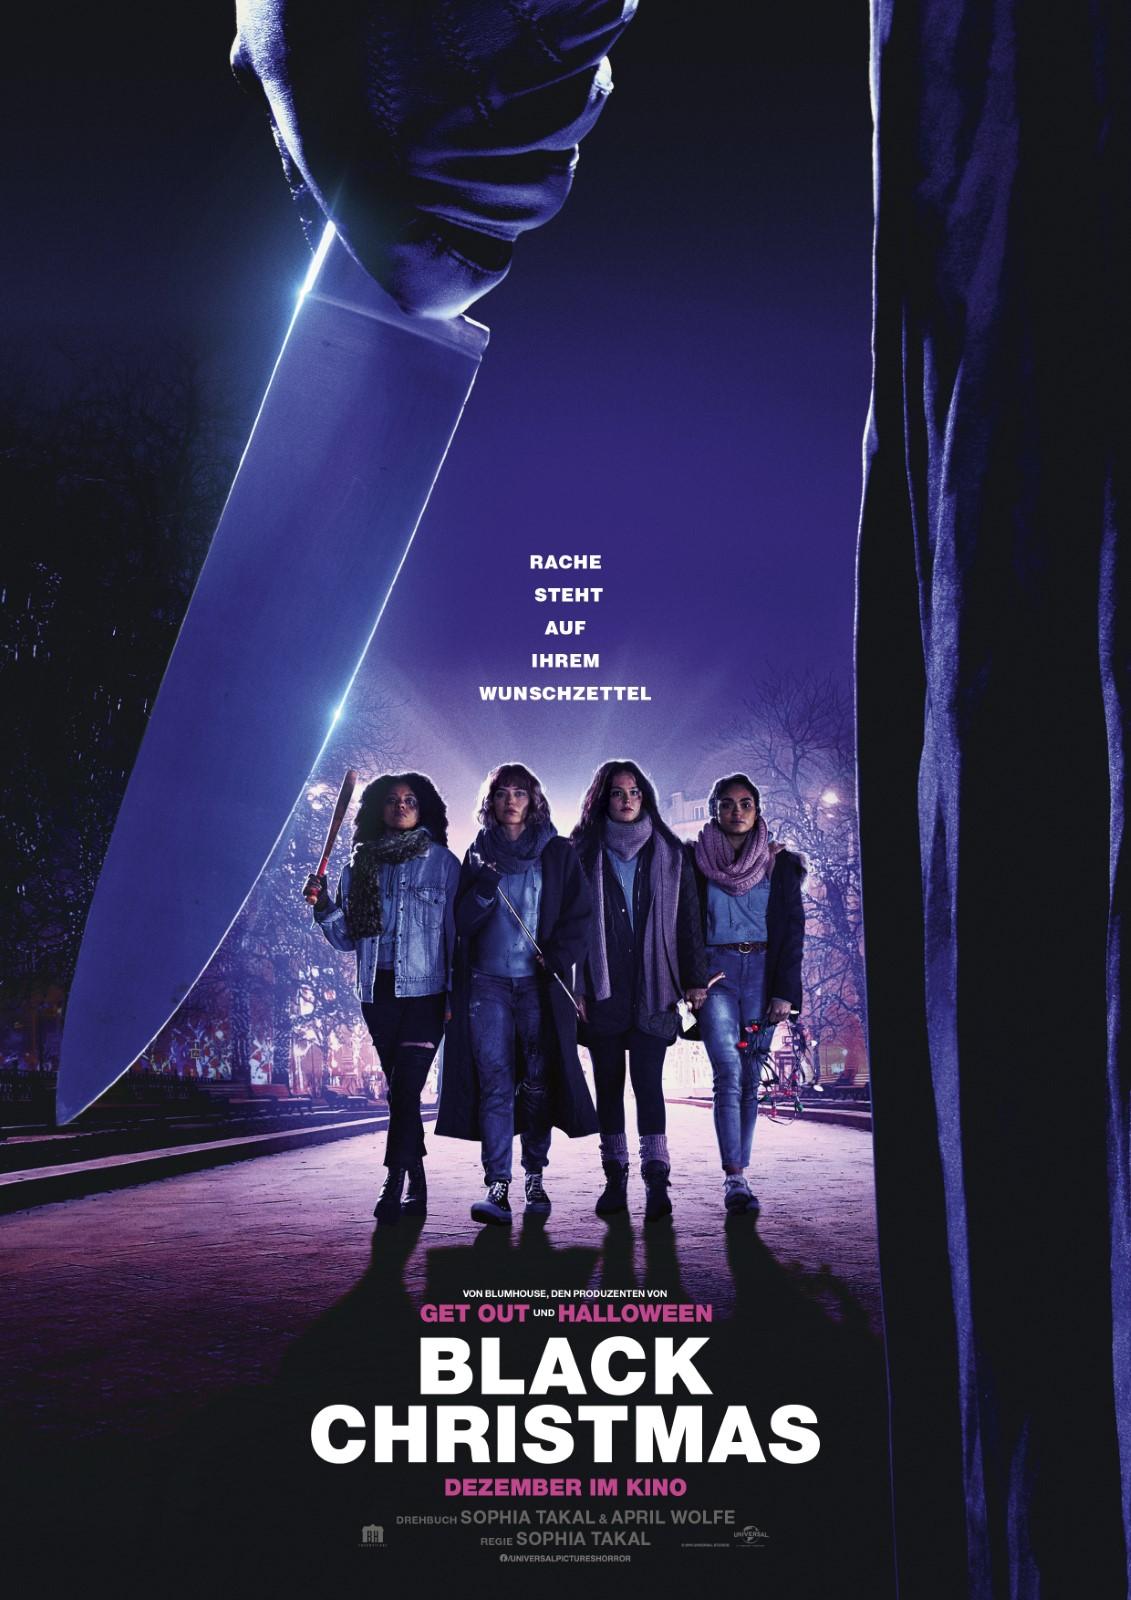 Black Christmas Kino